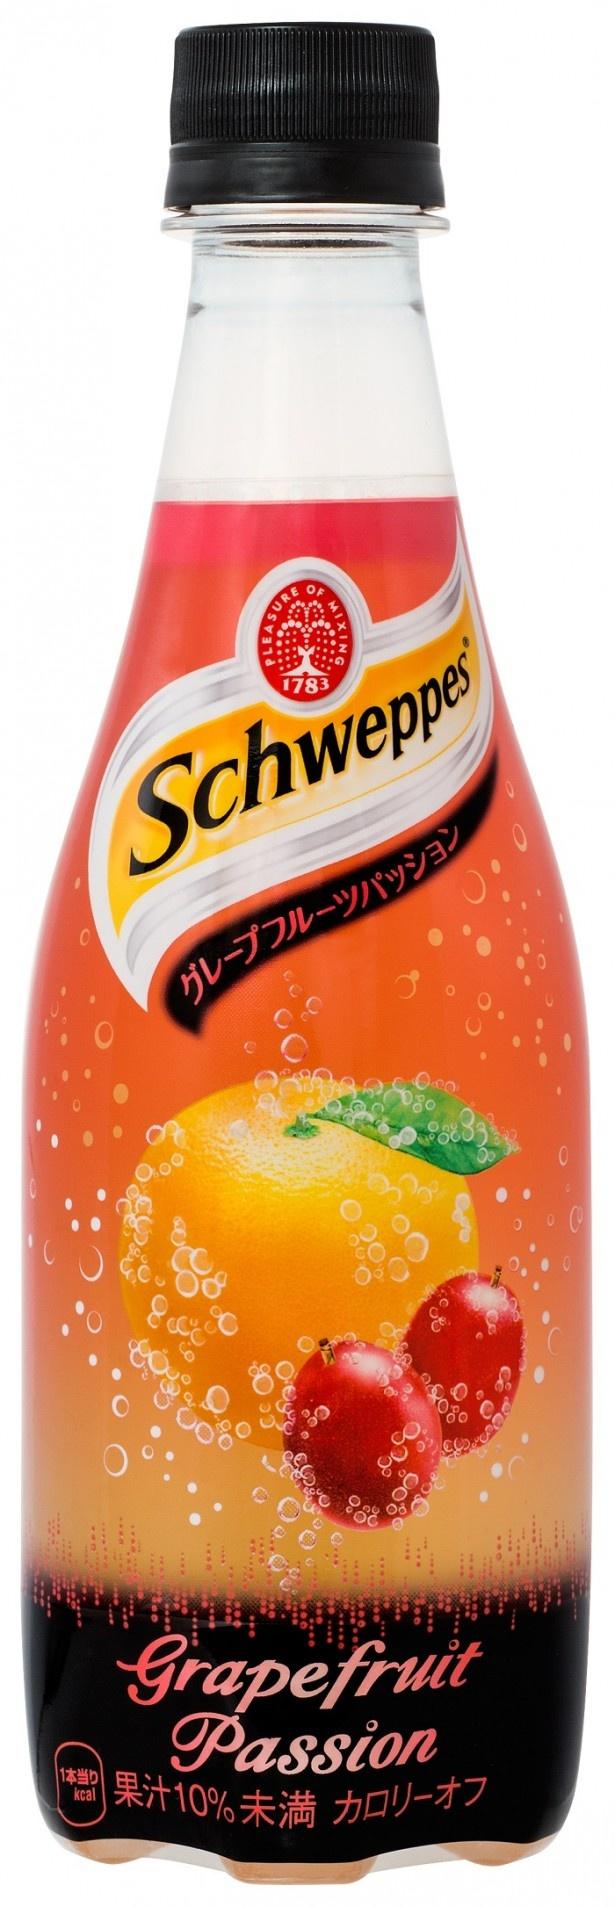 ピンクグレープフルーツなどの果汁とパッションフルーツのフレーバーを加えた「シュウェップス グレープフルーツパッション」(410ml メーカー希望小売価格・税別140円)